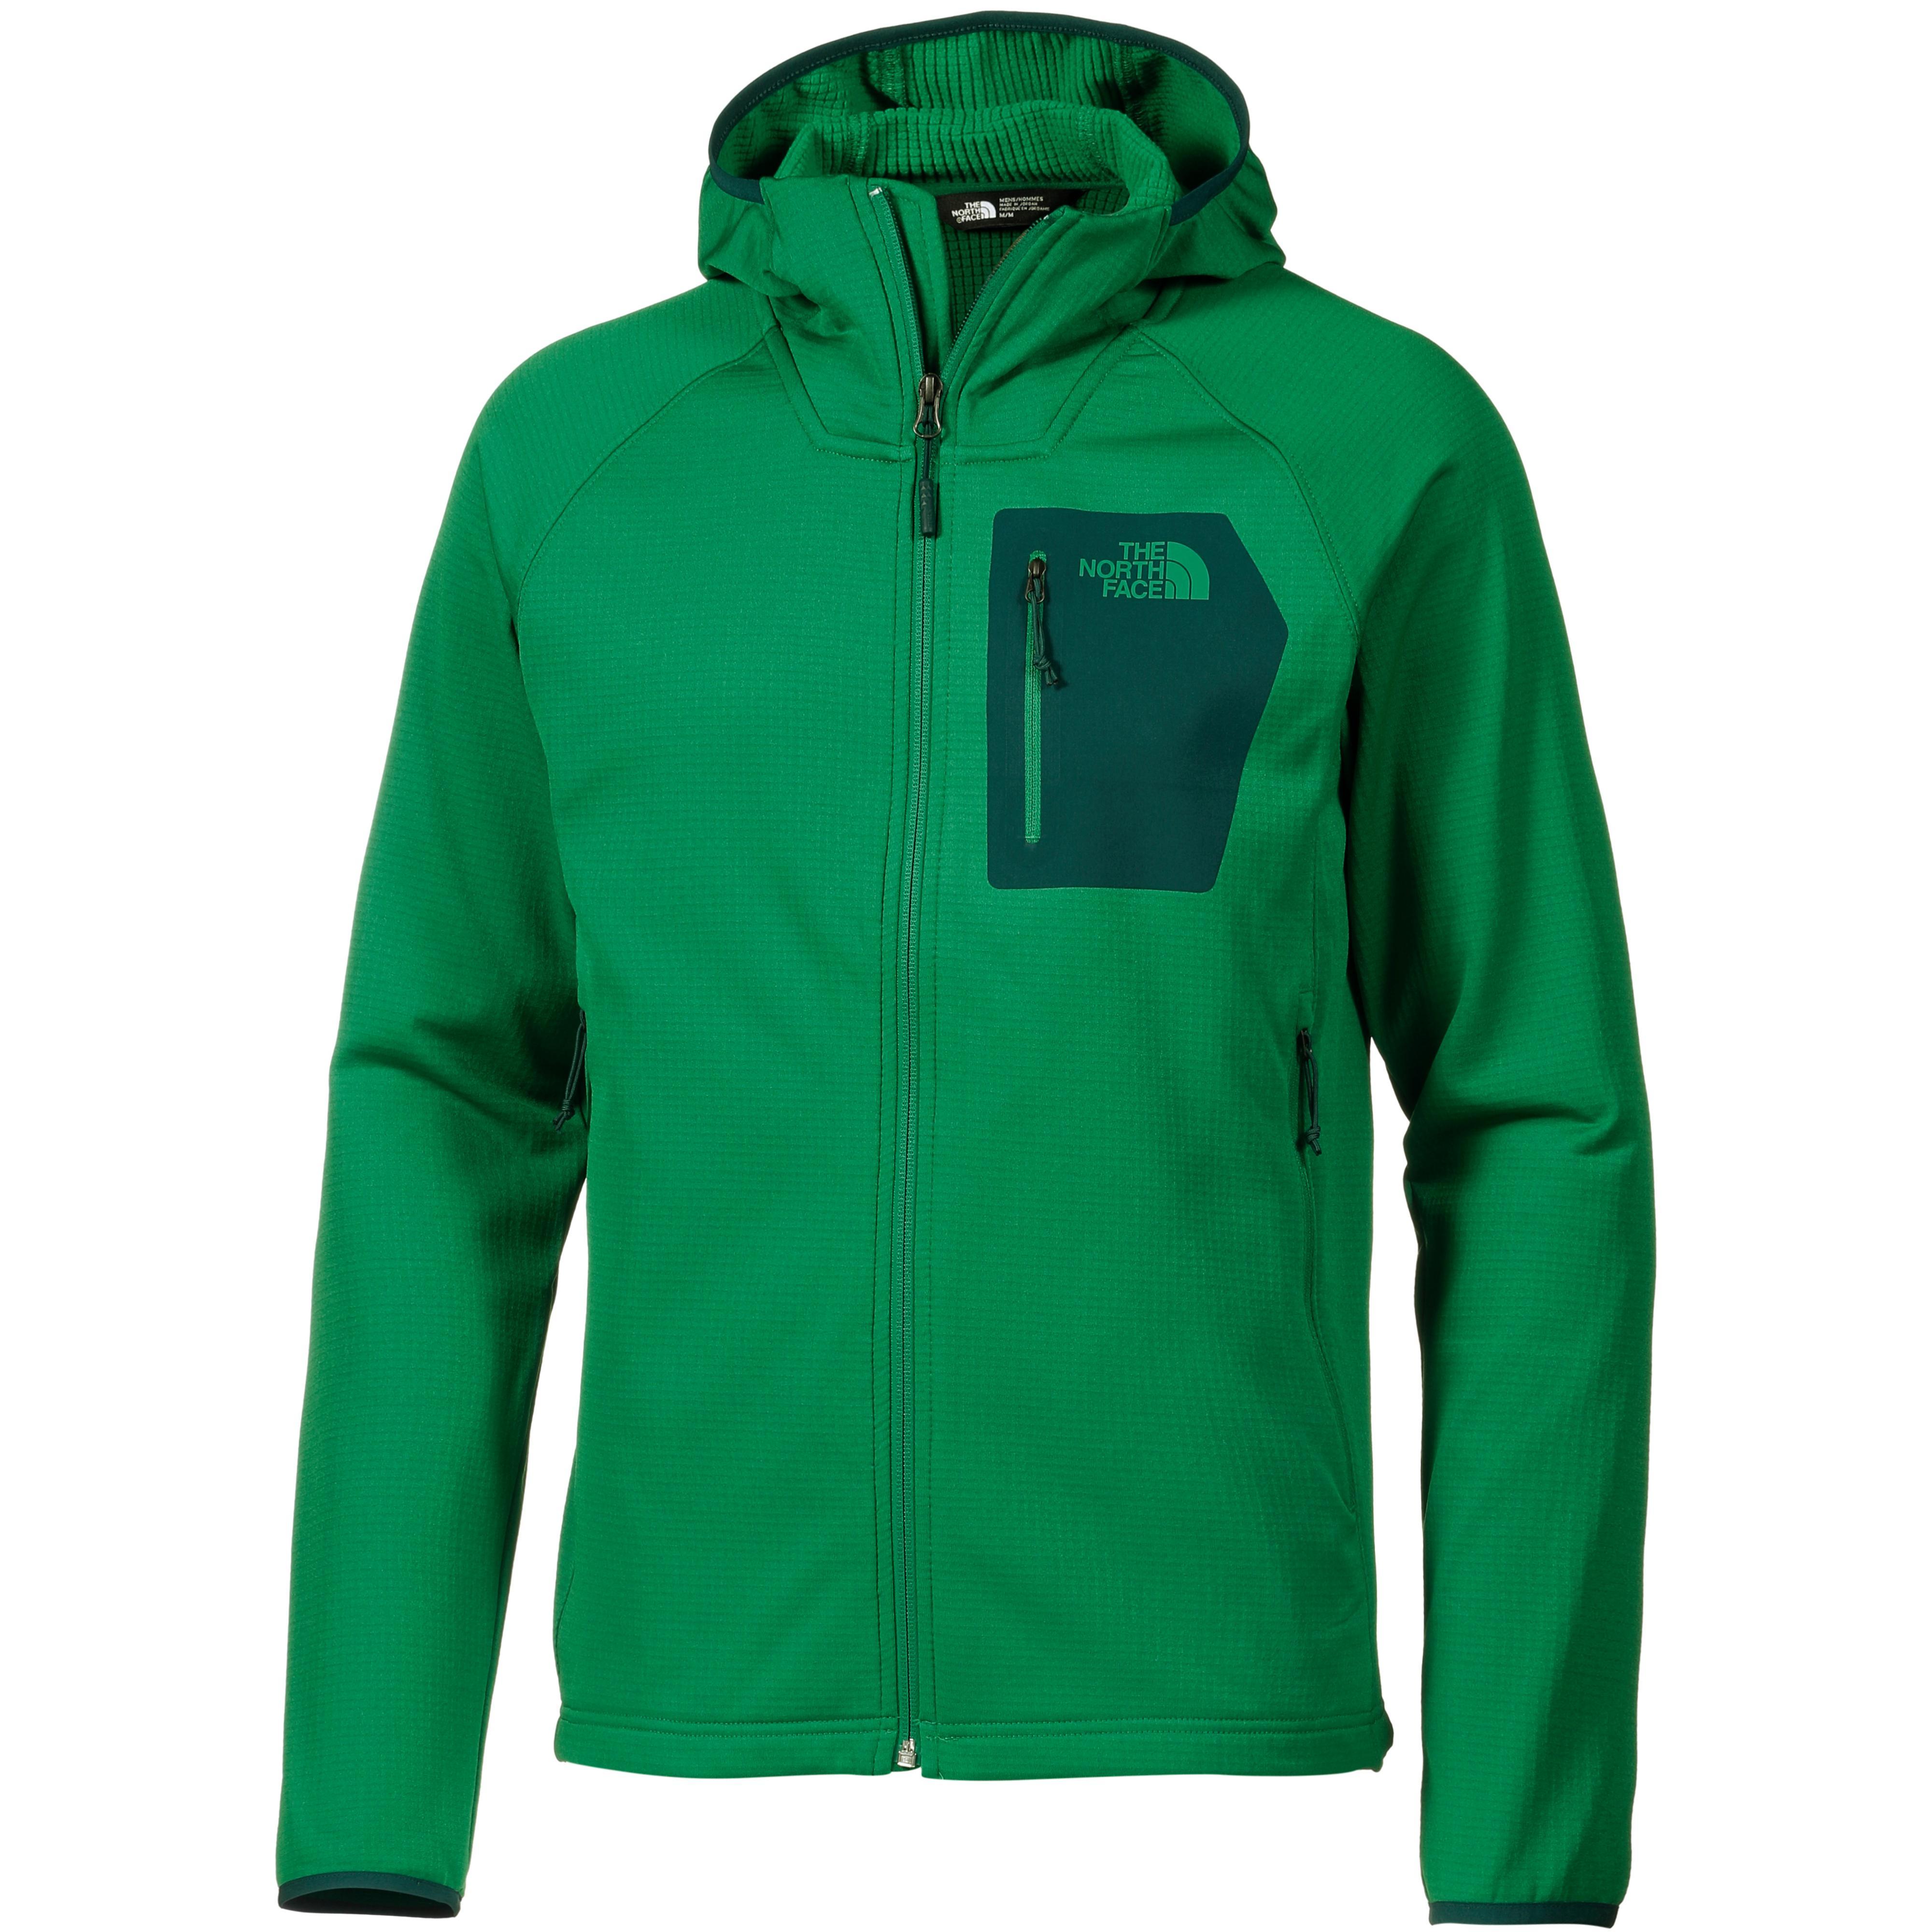 promo code 550b3 25bd9 The North Face BOROD Jacke Herren PRIMARYGRN/BOTNCLGARDNGRN im Online Shop  von SportScheck kaufen